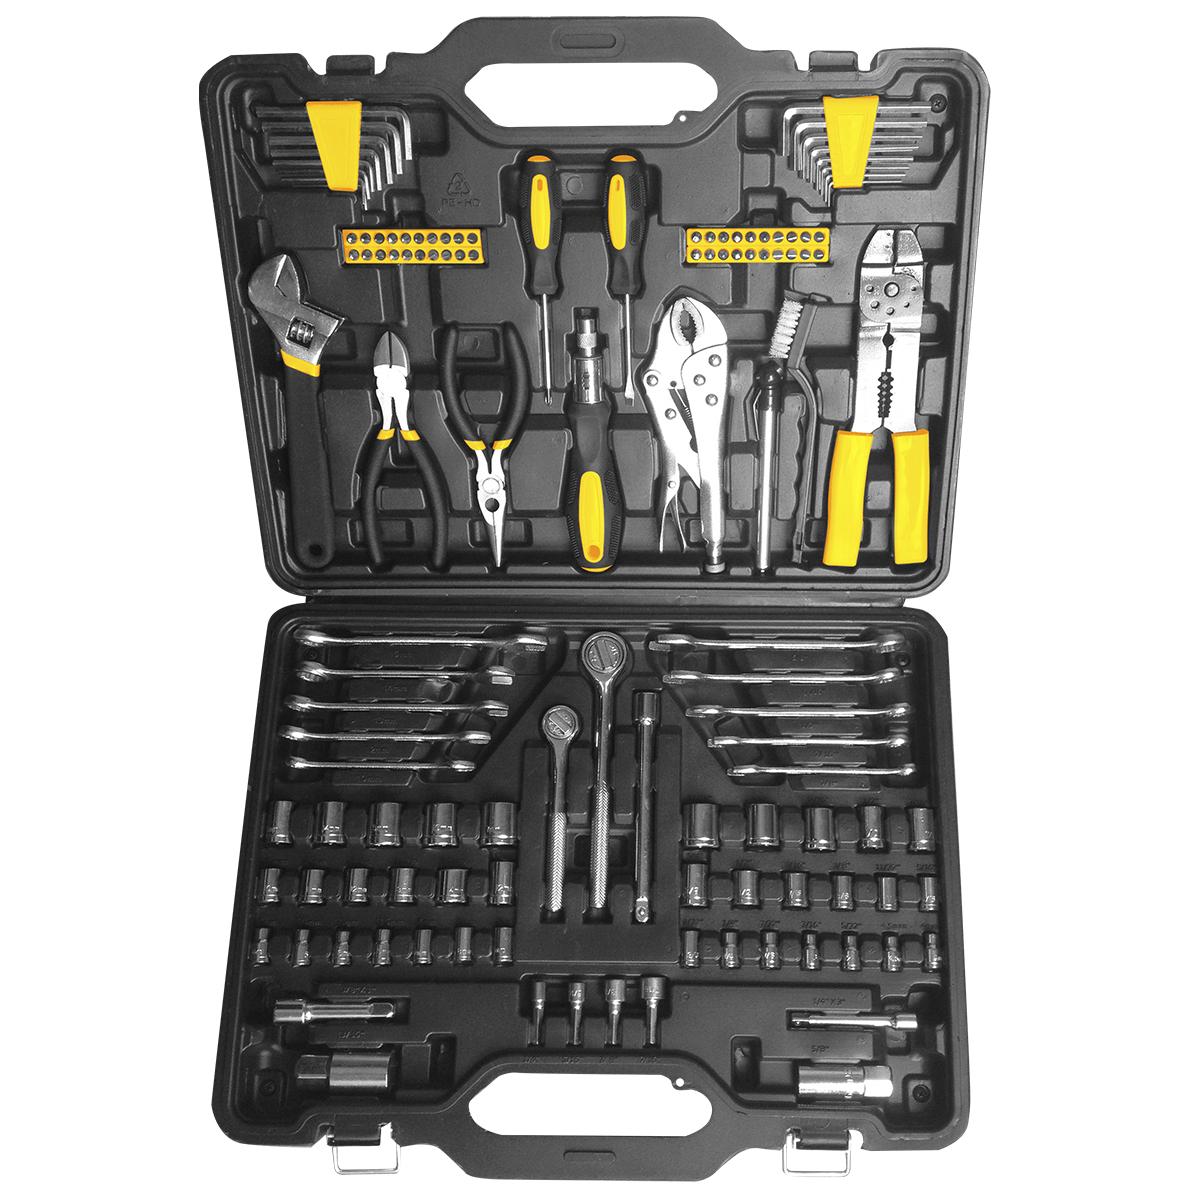 Набор инструментов Kolner KTS, 123 предметакн123тсНабор Kolner KTS содержит все необходимые инструменты для выполнения любых слесарных работ. Инструменты изготовлены из высококачественной хромованадиевой стали и закалены, благодаря чему имеют большой срок эксплуатации. Рукоятки инструментов обеспечивают комфорт во время работы, не утомляют и не натирают руку. Универсальный набор инструментов поставляется в кейсе, который удобно взять с собой или хранить в кладовке.Комплектация:- Шестигранный ключ: 6 шт.- Отвертка - 2 шт: 75 х 4 мм.- Держатель для бит с трещеткой: 170 мм.- Бита - 40 шт: 25 мм.- Разводной ключ 8.- Тонкогубцы.- Бокорезы.- Манометр.- Металлическая щетка.- Пинцы: 7.- Приспособление для зачистки проводов.- Гаечный ключ - 10 шт: 10-12-13-14-15.3/8.7/16.1/2.9/16.5/8.- Рукоятка с трещеткой квадрат: 1/4.- Рукоятка с трещеткой квадрат: 3/8.- Торцевая головка квадрат - 14 шт: 1/4: 4-4.5-5-5.5-6-6.5-7-8-9-10-11-12-13-14 мм.- Торцевая головка квадрат - 10 шт: 1/4: 5/32-3/16-7/32-1/4-9/32-5/16-11/32-3/8-7/16-1/2.- Торцевая головка квадрат - 6 шт (3/8): 12-13-14-15-16-17 мм.- Торцевая головка квадрат - 6 шт (3/8): 3/8-7/16-1/2-9/16-5/8-11/16.- Удлинитель квадрат: 3/8 3.- Удлинитель квадрат: 3/8 6.- Удлинитель квадрат: 1/4 3.- Свечной ключ квадрат (3/8): 16 мм.- Свечной ключ квадрат (3/8): 21 мм.- Торцевая головка квадрат - 4 шт (1/4): 1/4-5/16-3/8-7/16.